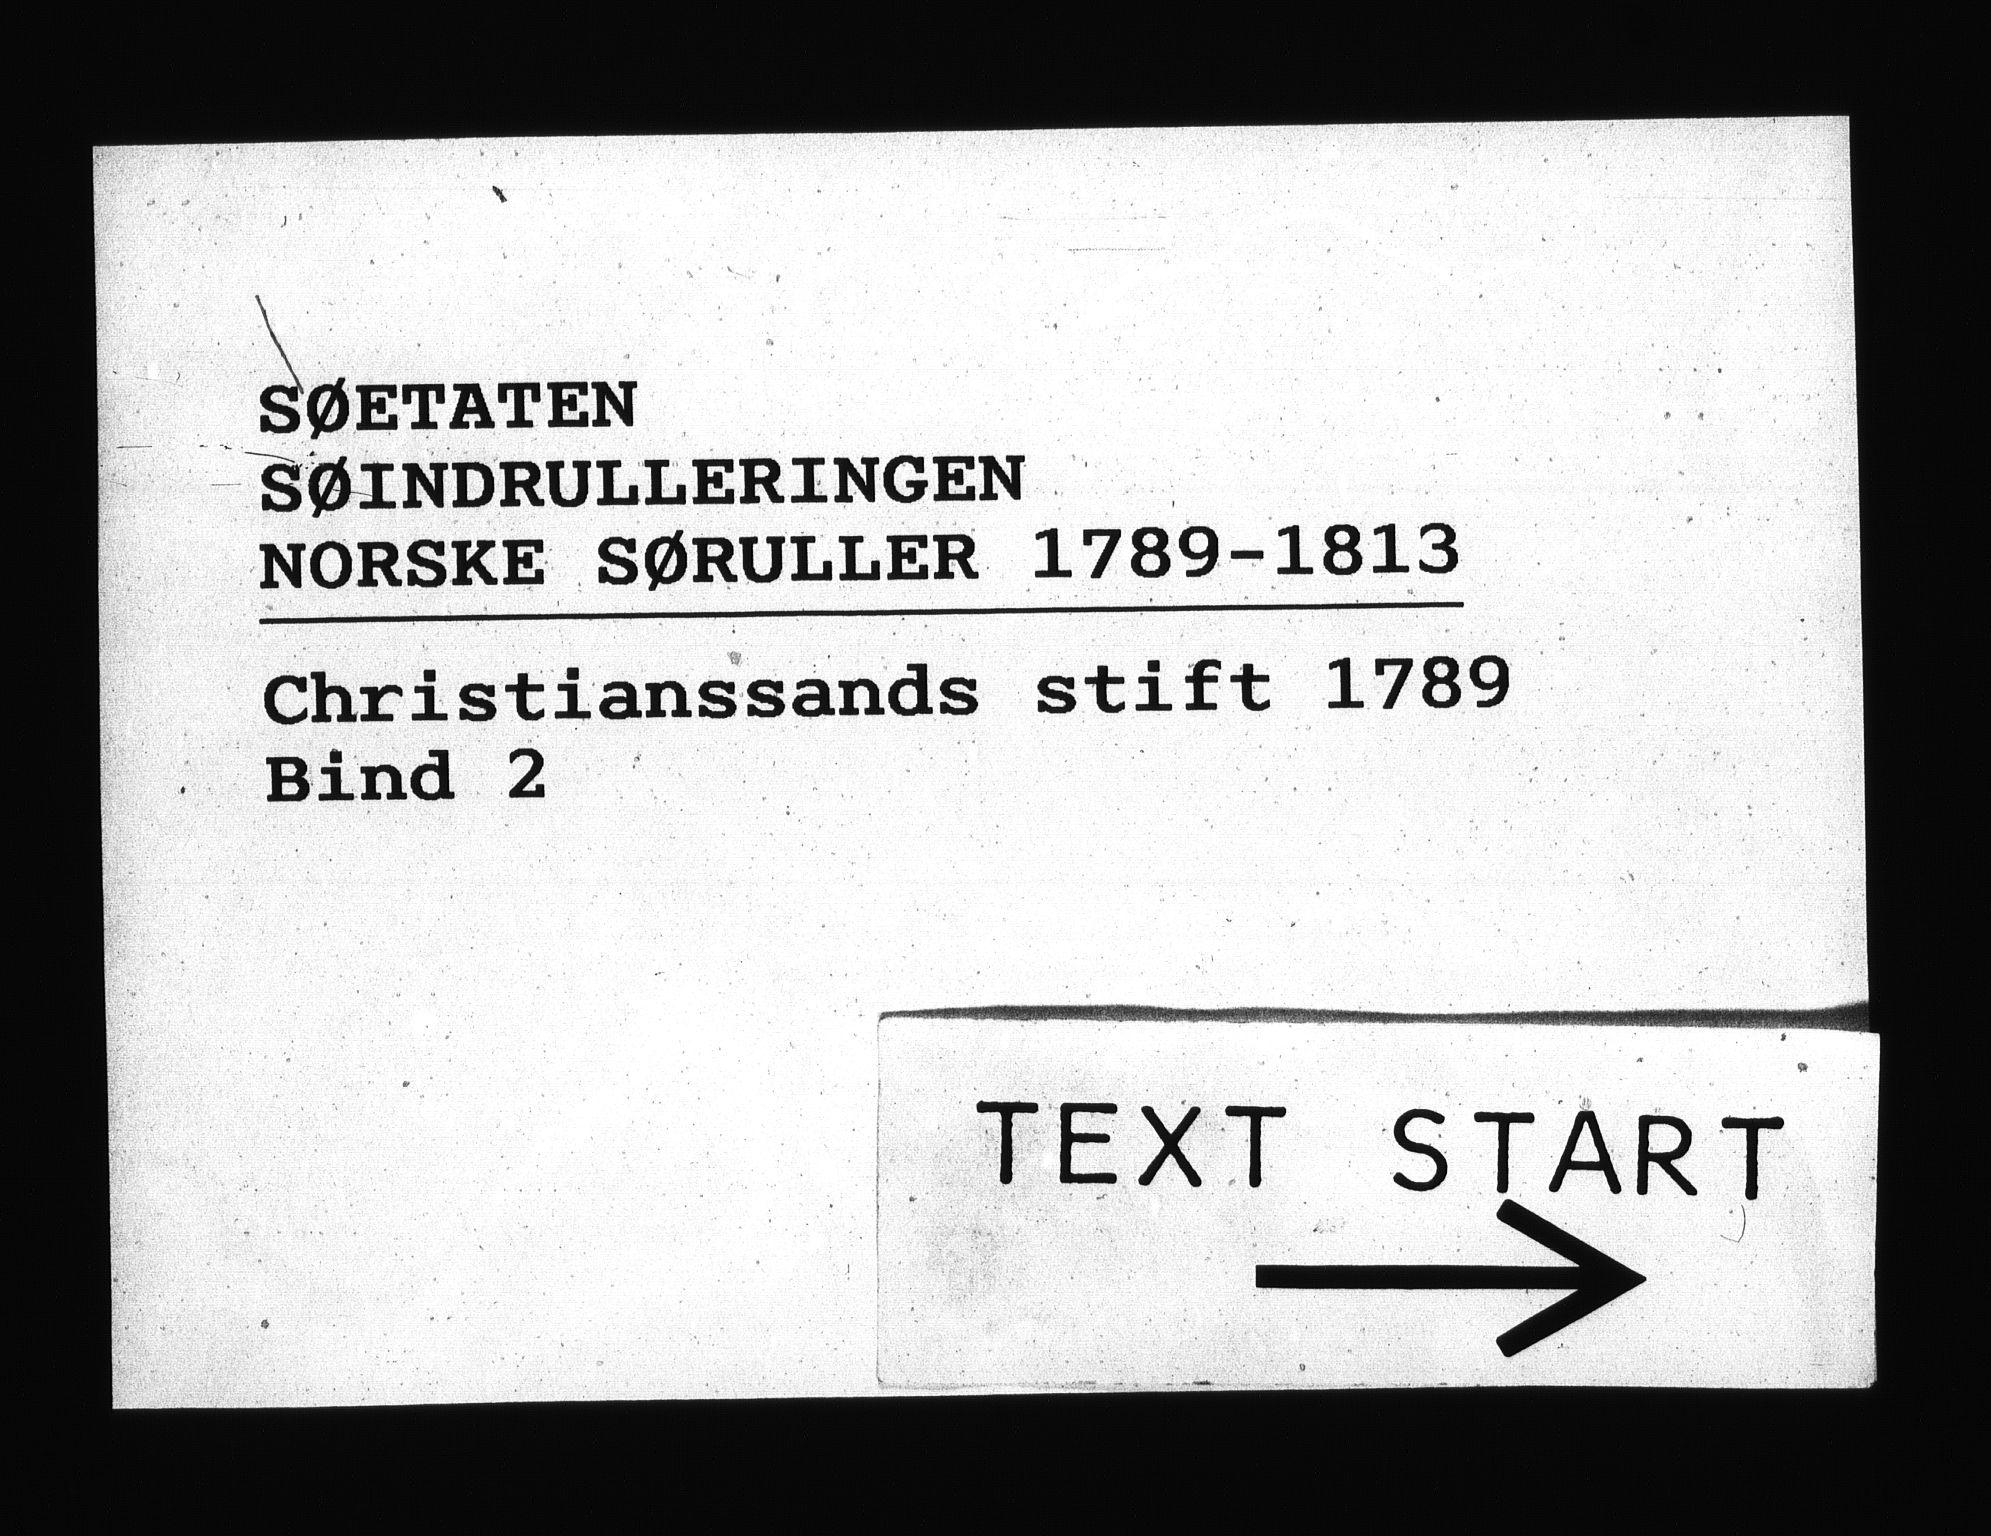 RA, Sjøetaten, F/L0009: Kristiansand stift, bind 2, 1789